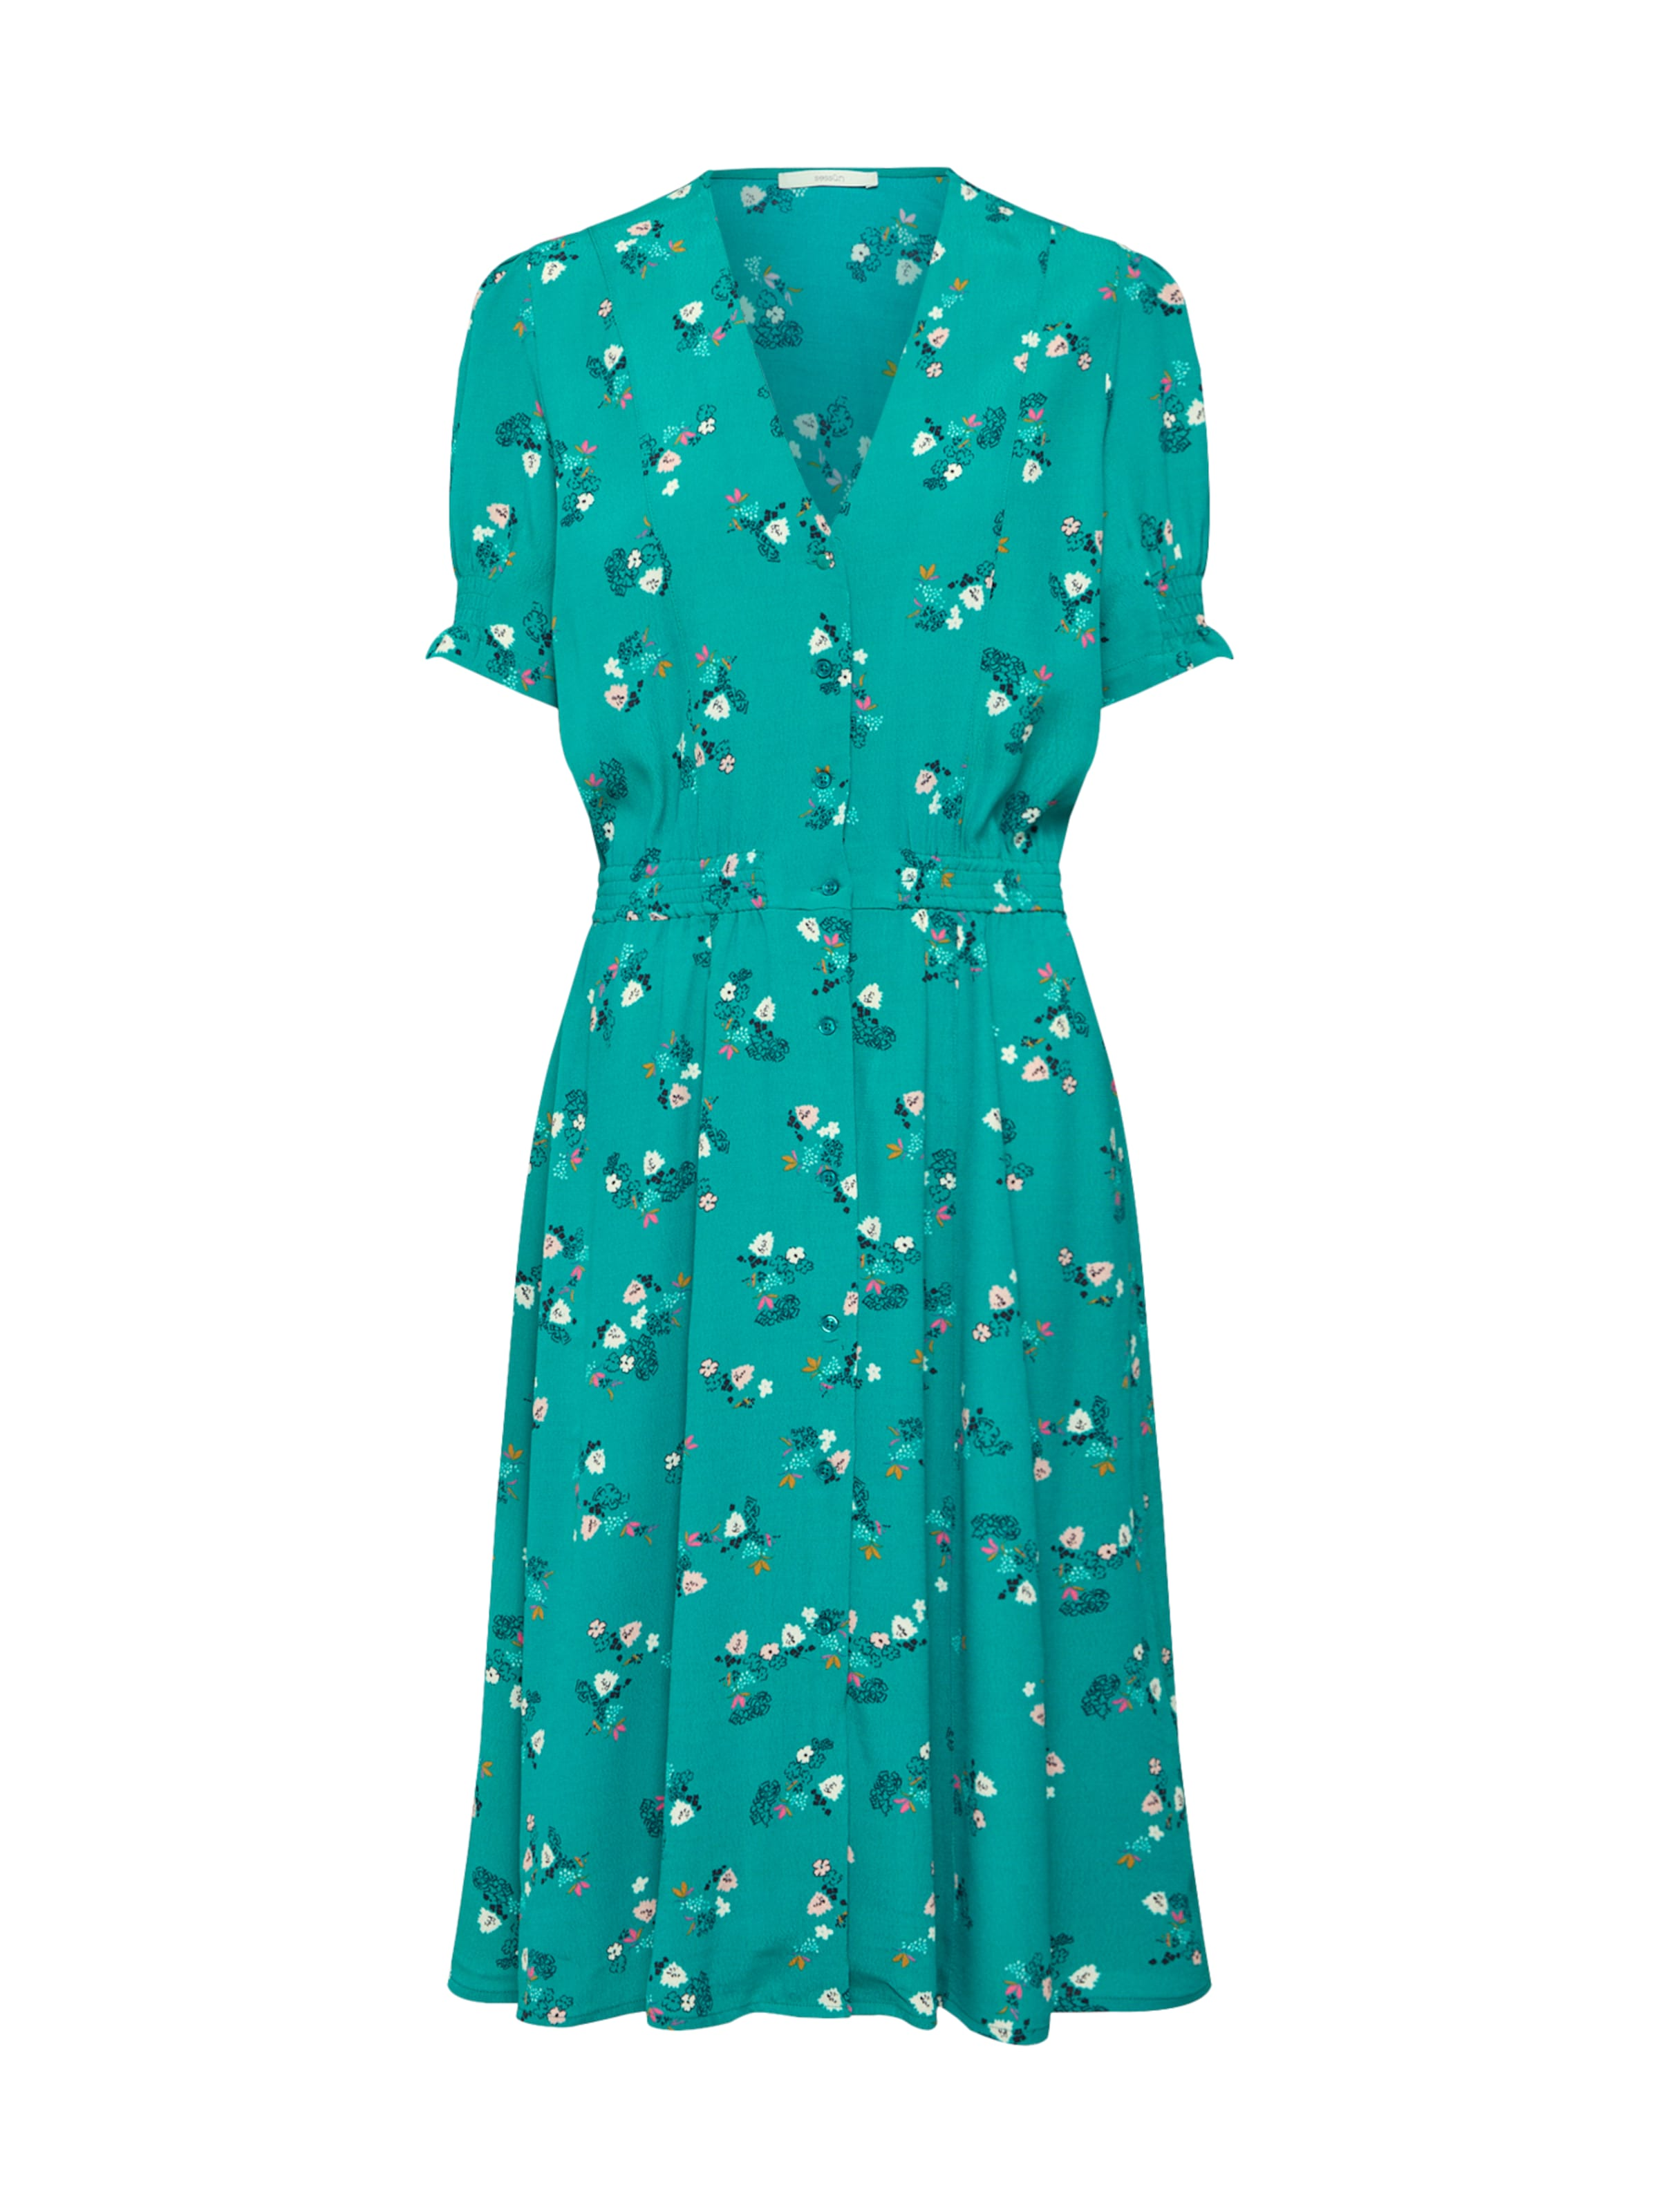 In Kleid Kleid Sessun Sessun In Sessun In JadeMischfarben Kleid Sessun Kleid JadeMischfarben JadeMischfarben LMjqpGSzVU